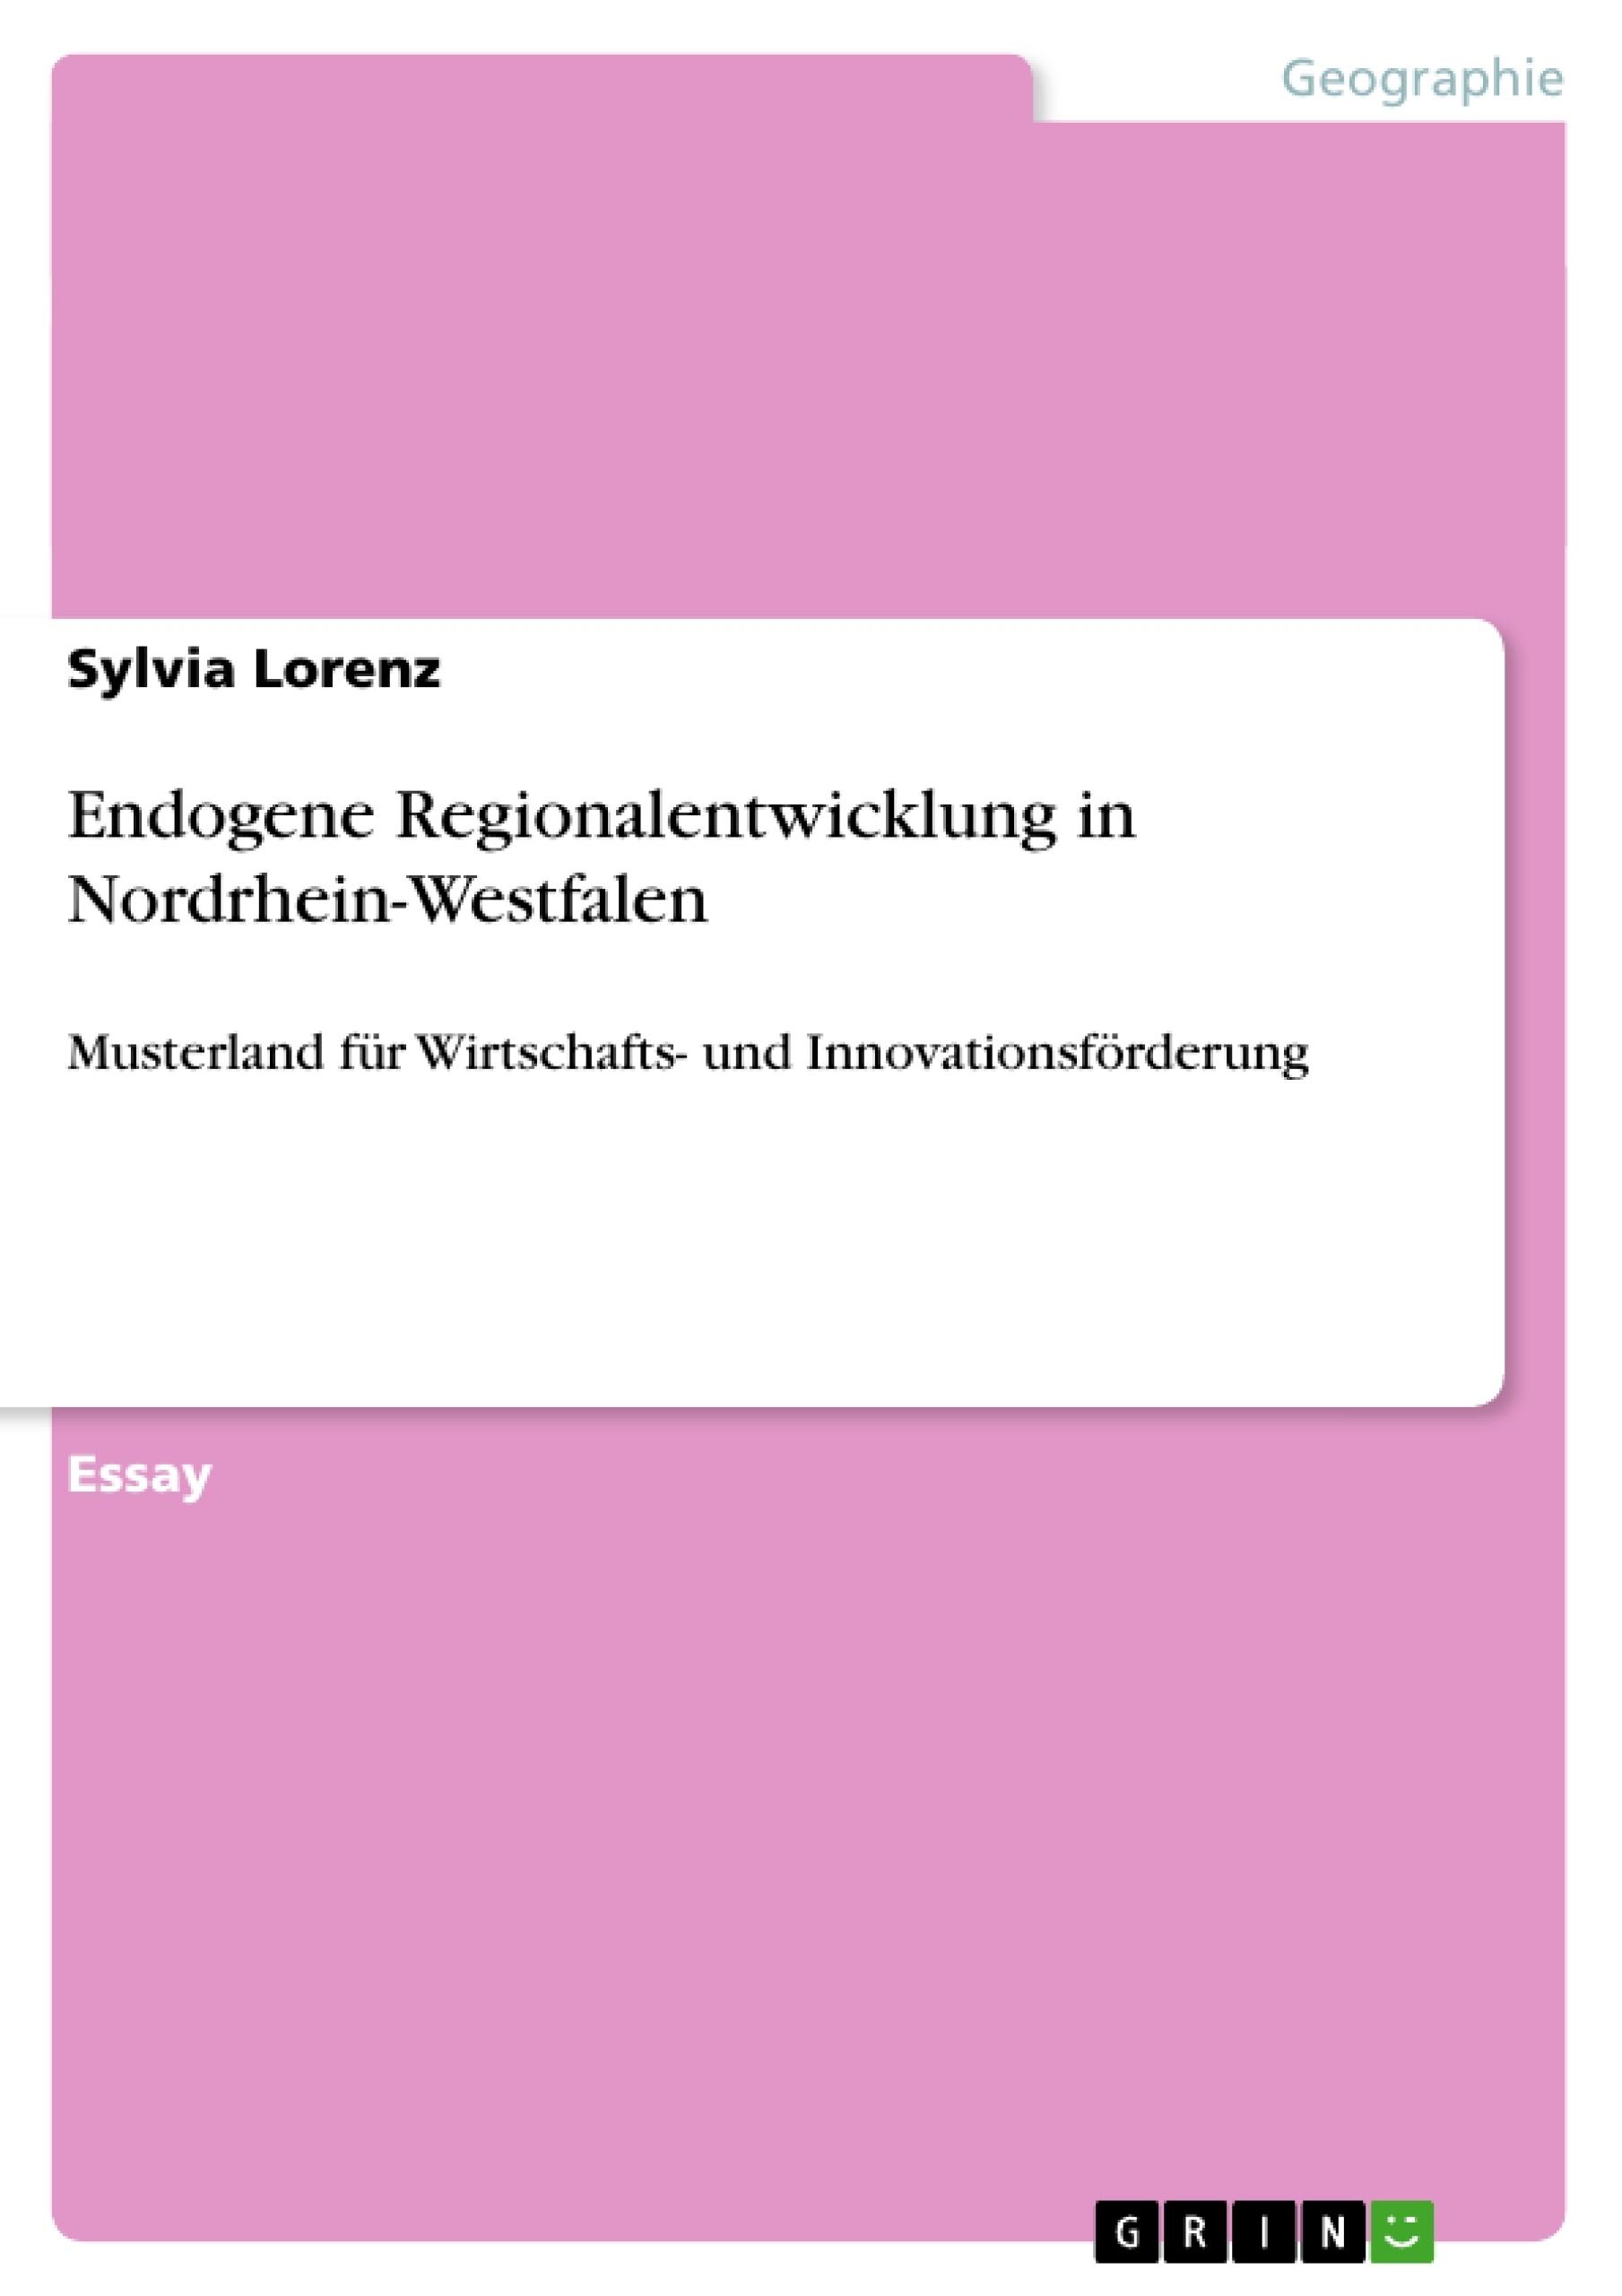 Titel: Endogene Regionalentwicklung in Nordrhein-Westfalen